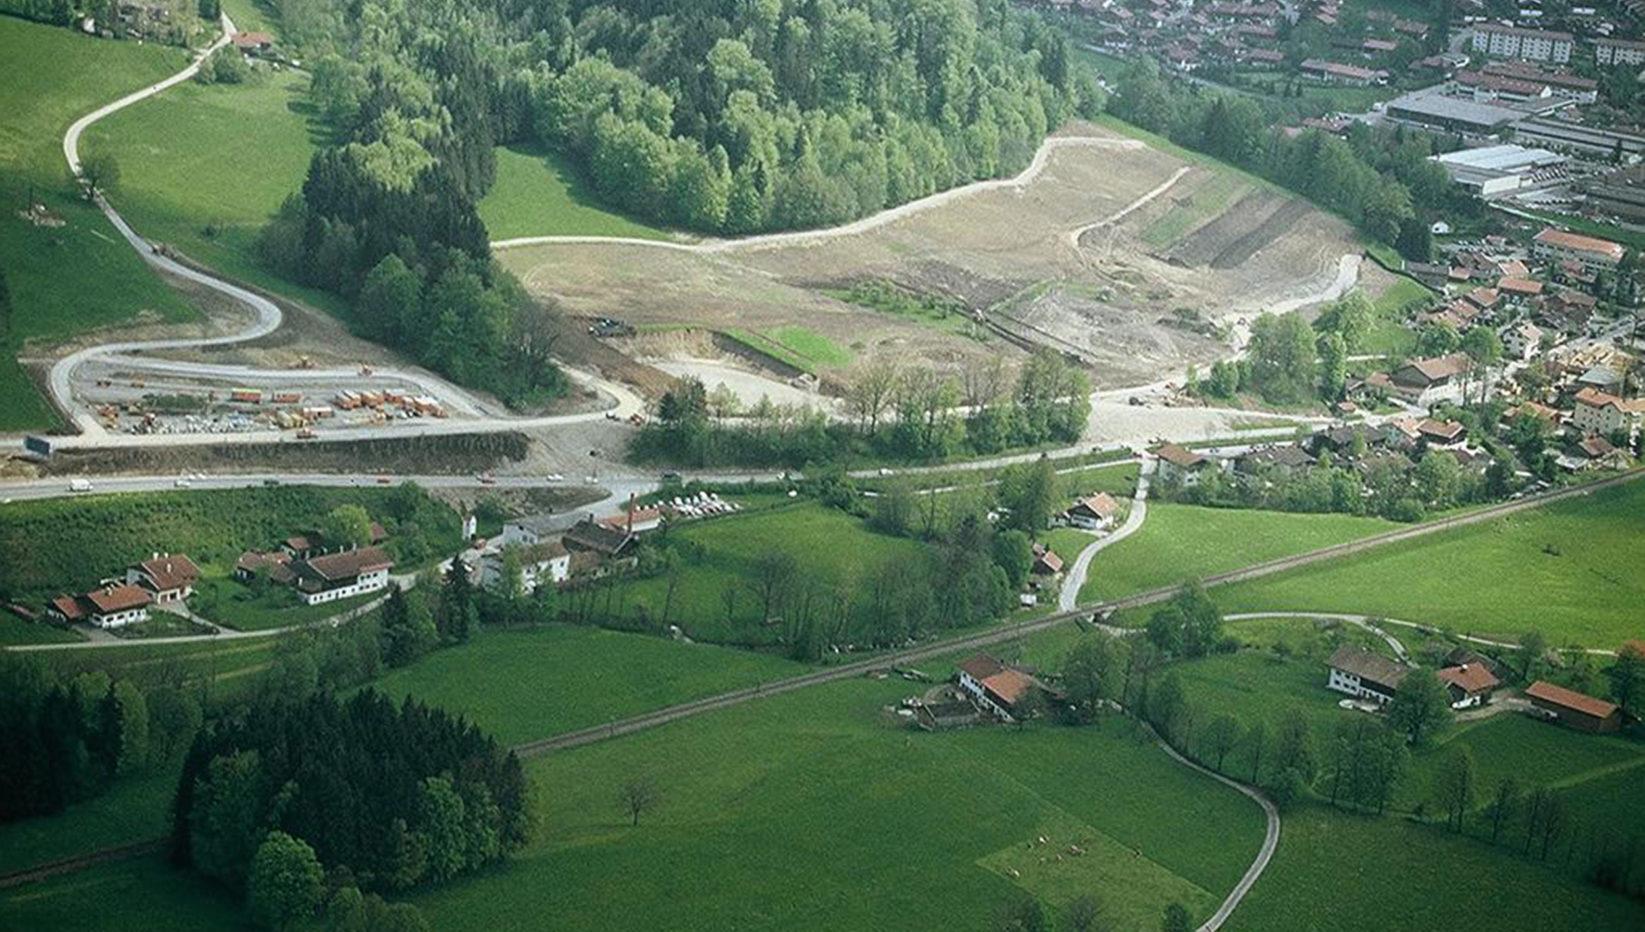 Luftaufnahme des Baugeländes vor Baubeginn des Kreiskrankenhauses Miesbach in Hausham. Drum herum sind Wiesen, Bäume und die Häuser der Ortschaft zu sehen.